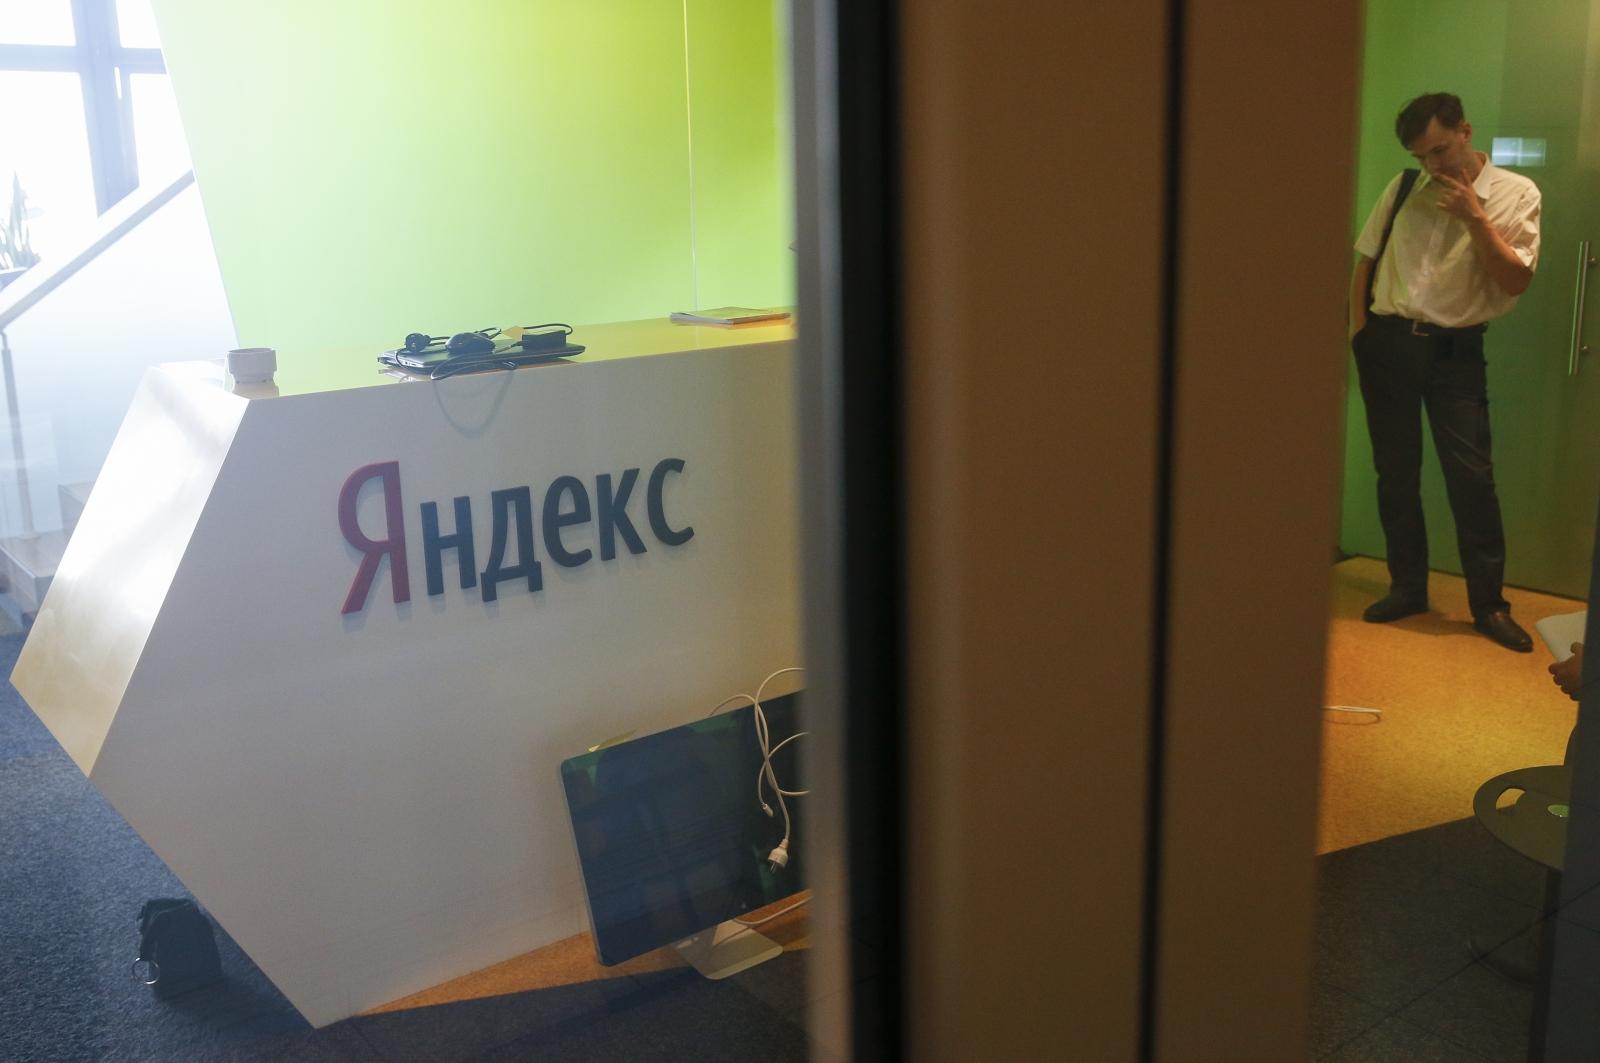 Yandex searches